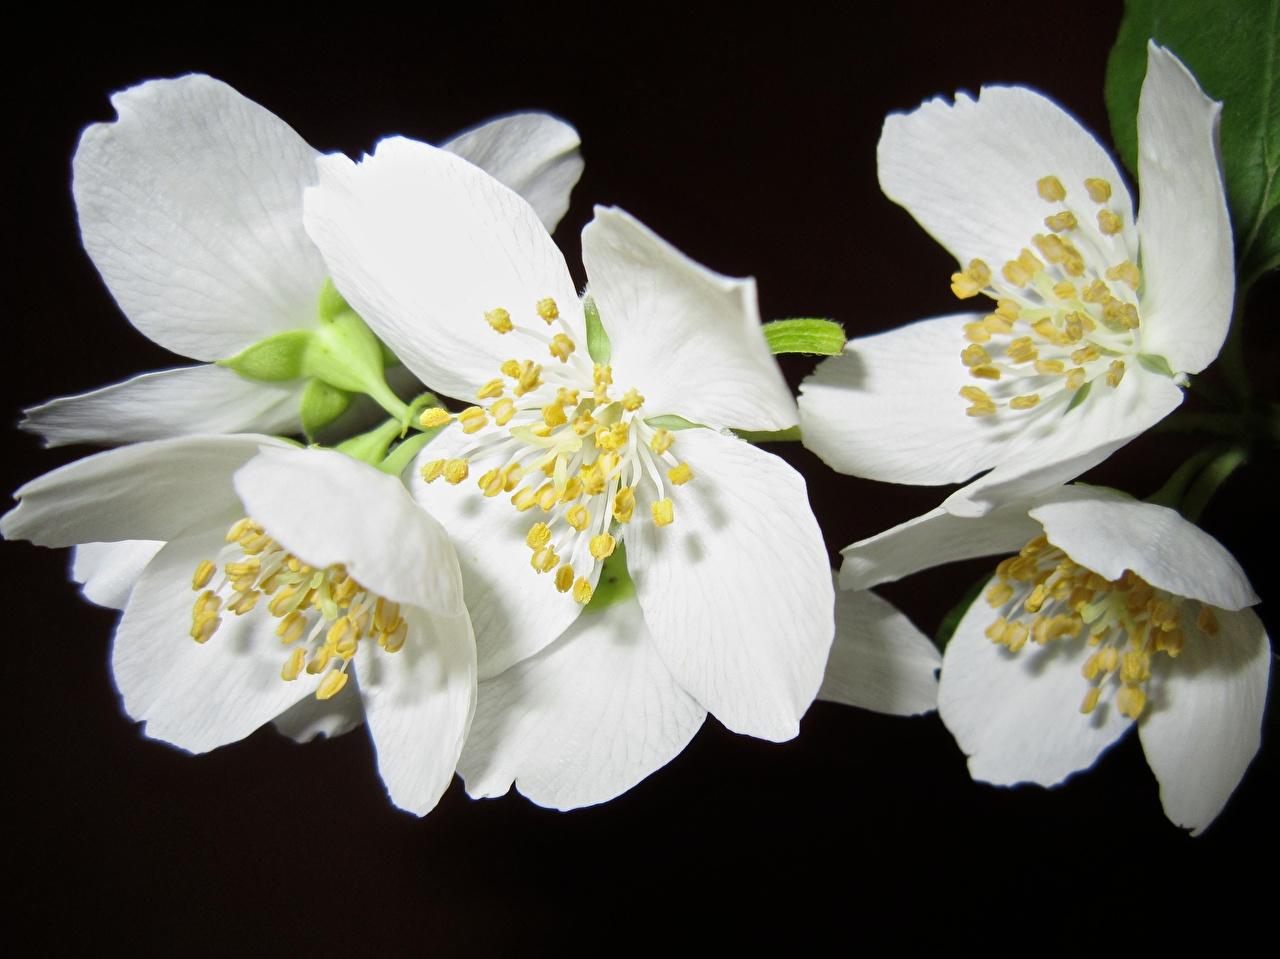 Fotos Jasminum Weiß Blüte Großansicht Schwarzer Hintergrund Blumen hautnah Nahaufnahme